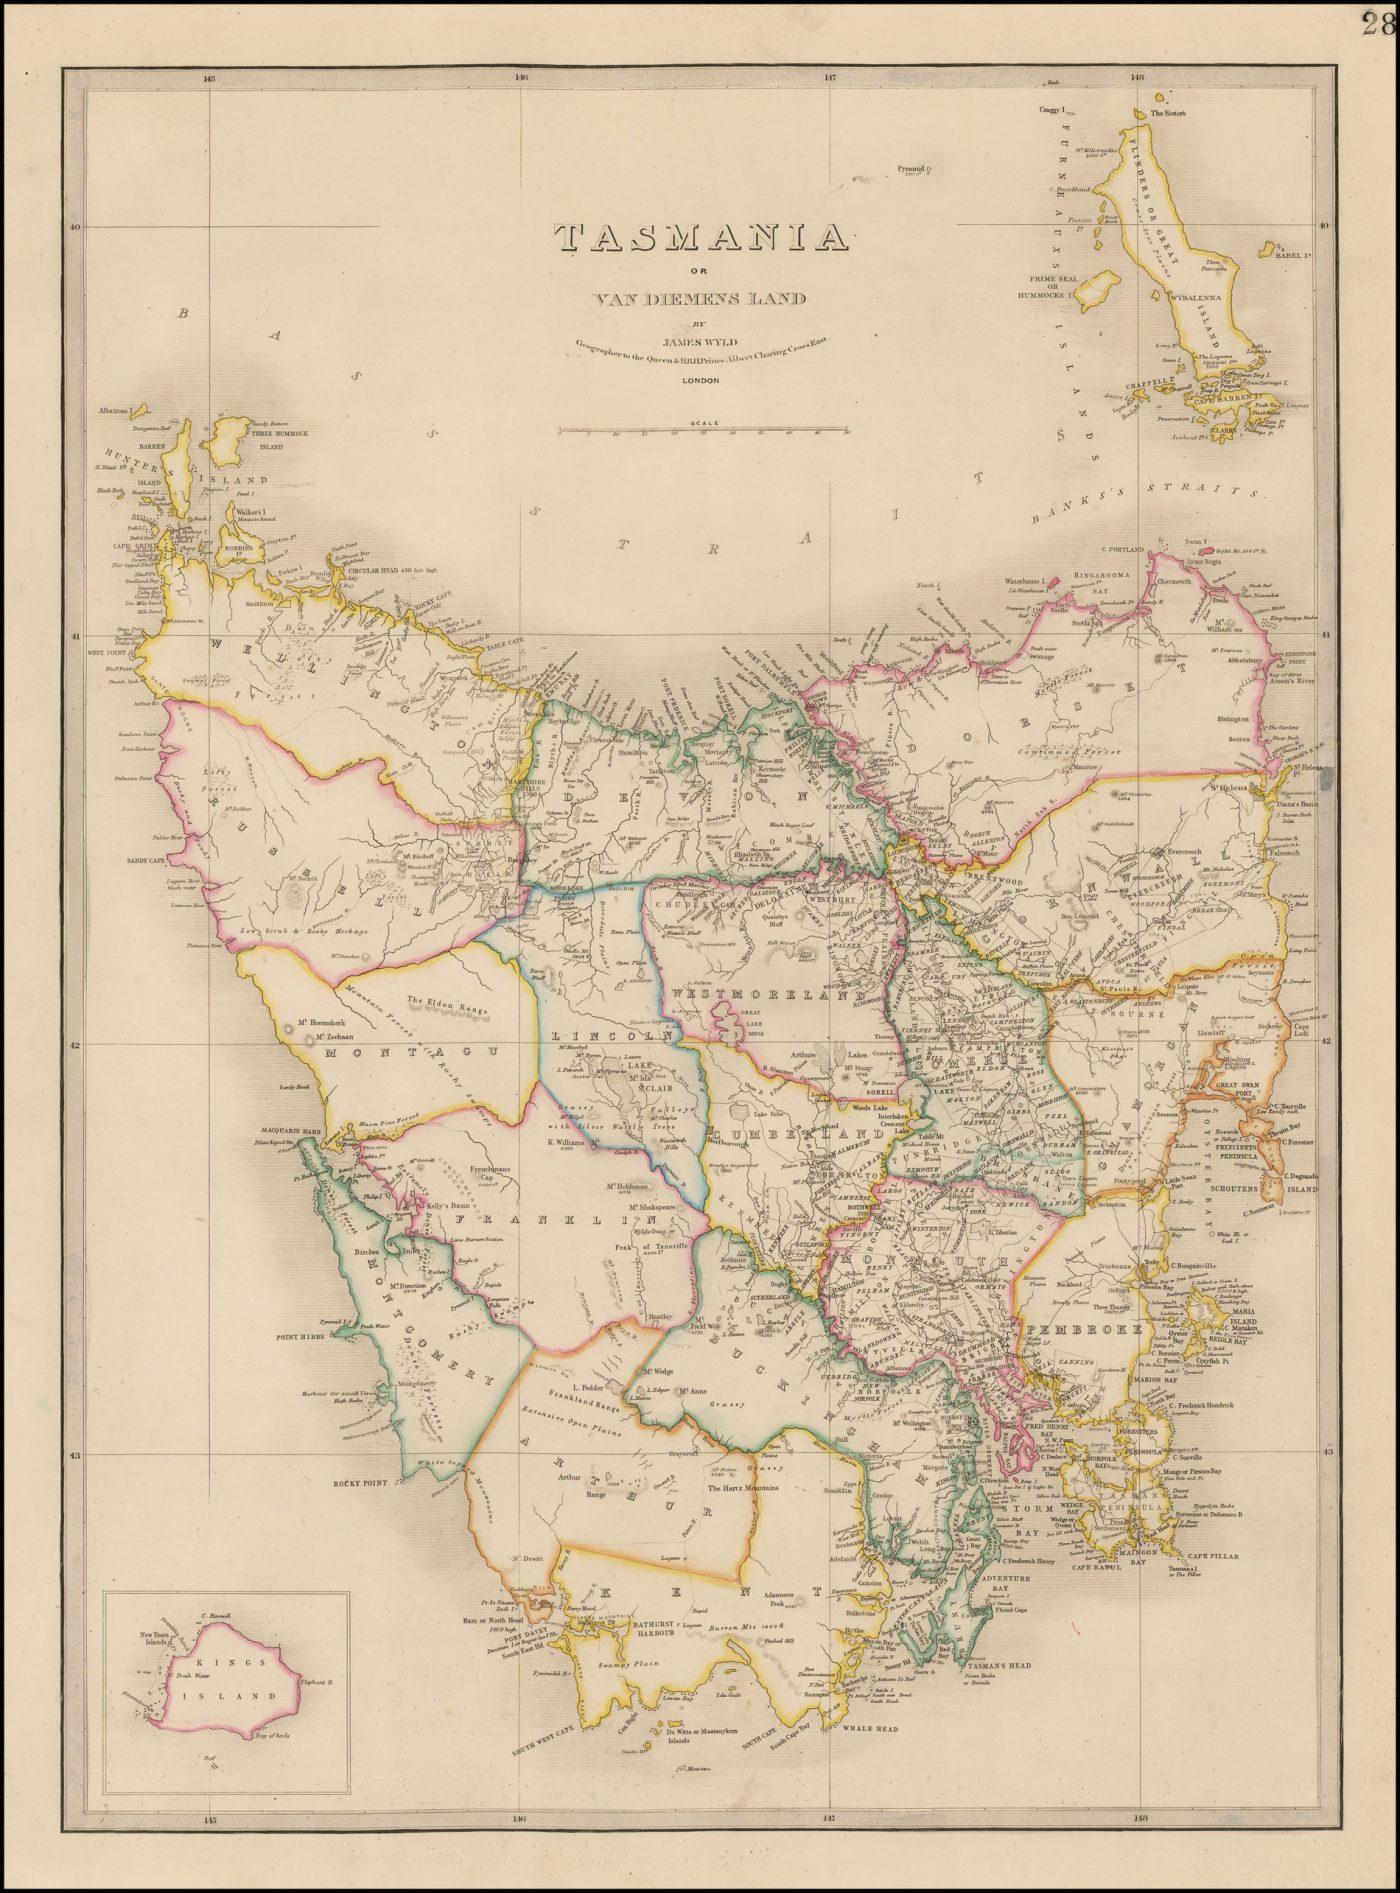 Оригинальная карта Уайлда 1850 года с изображением Тасмании